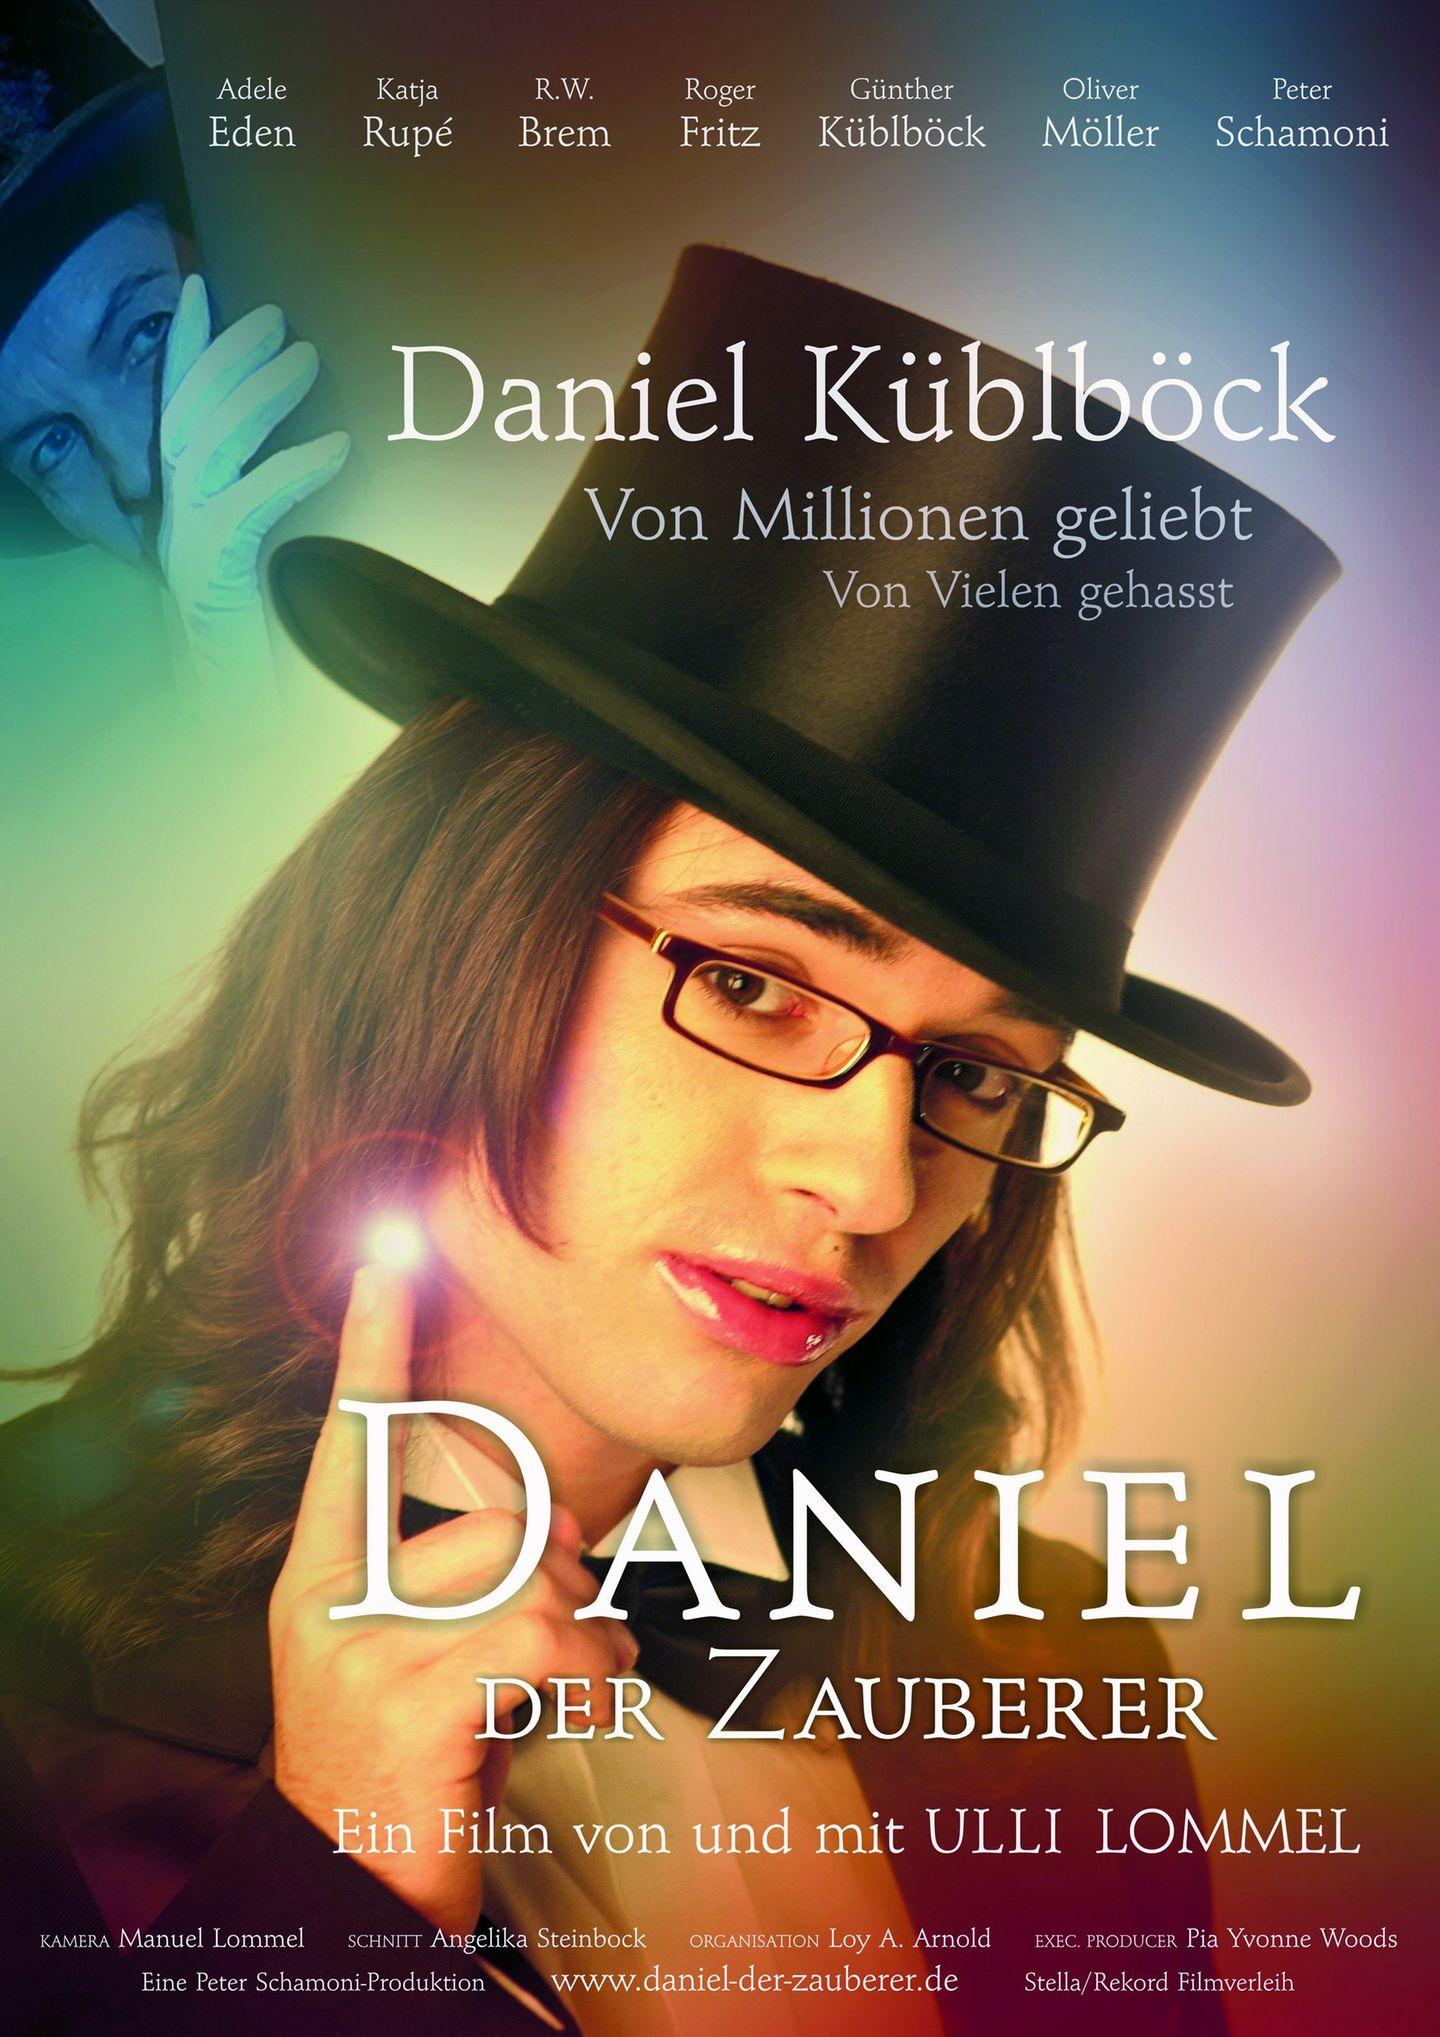 """""""Von Millionen geliebt, von Vielen gehasst"""" - so lautete der Untertitel auf dem Filmplakat zu """"Daniel, der Zauberer"""". Der 2004 erschienene Kinofilm gilt bis heute als einer der schlechtesten deutschen Filme aller Zeiten. Es war der Tiefpunkt seiner Karriere."""